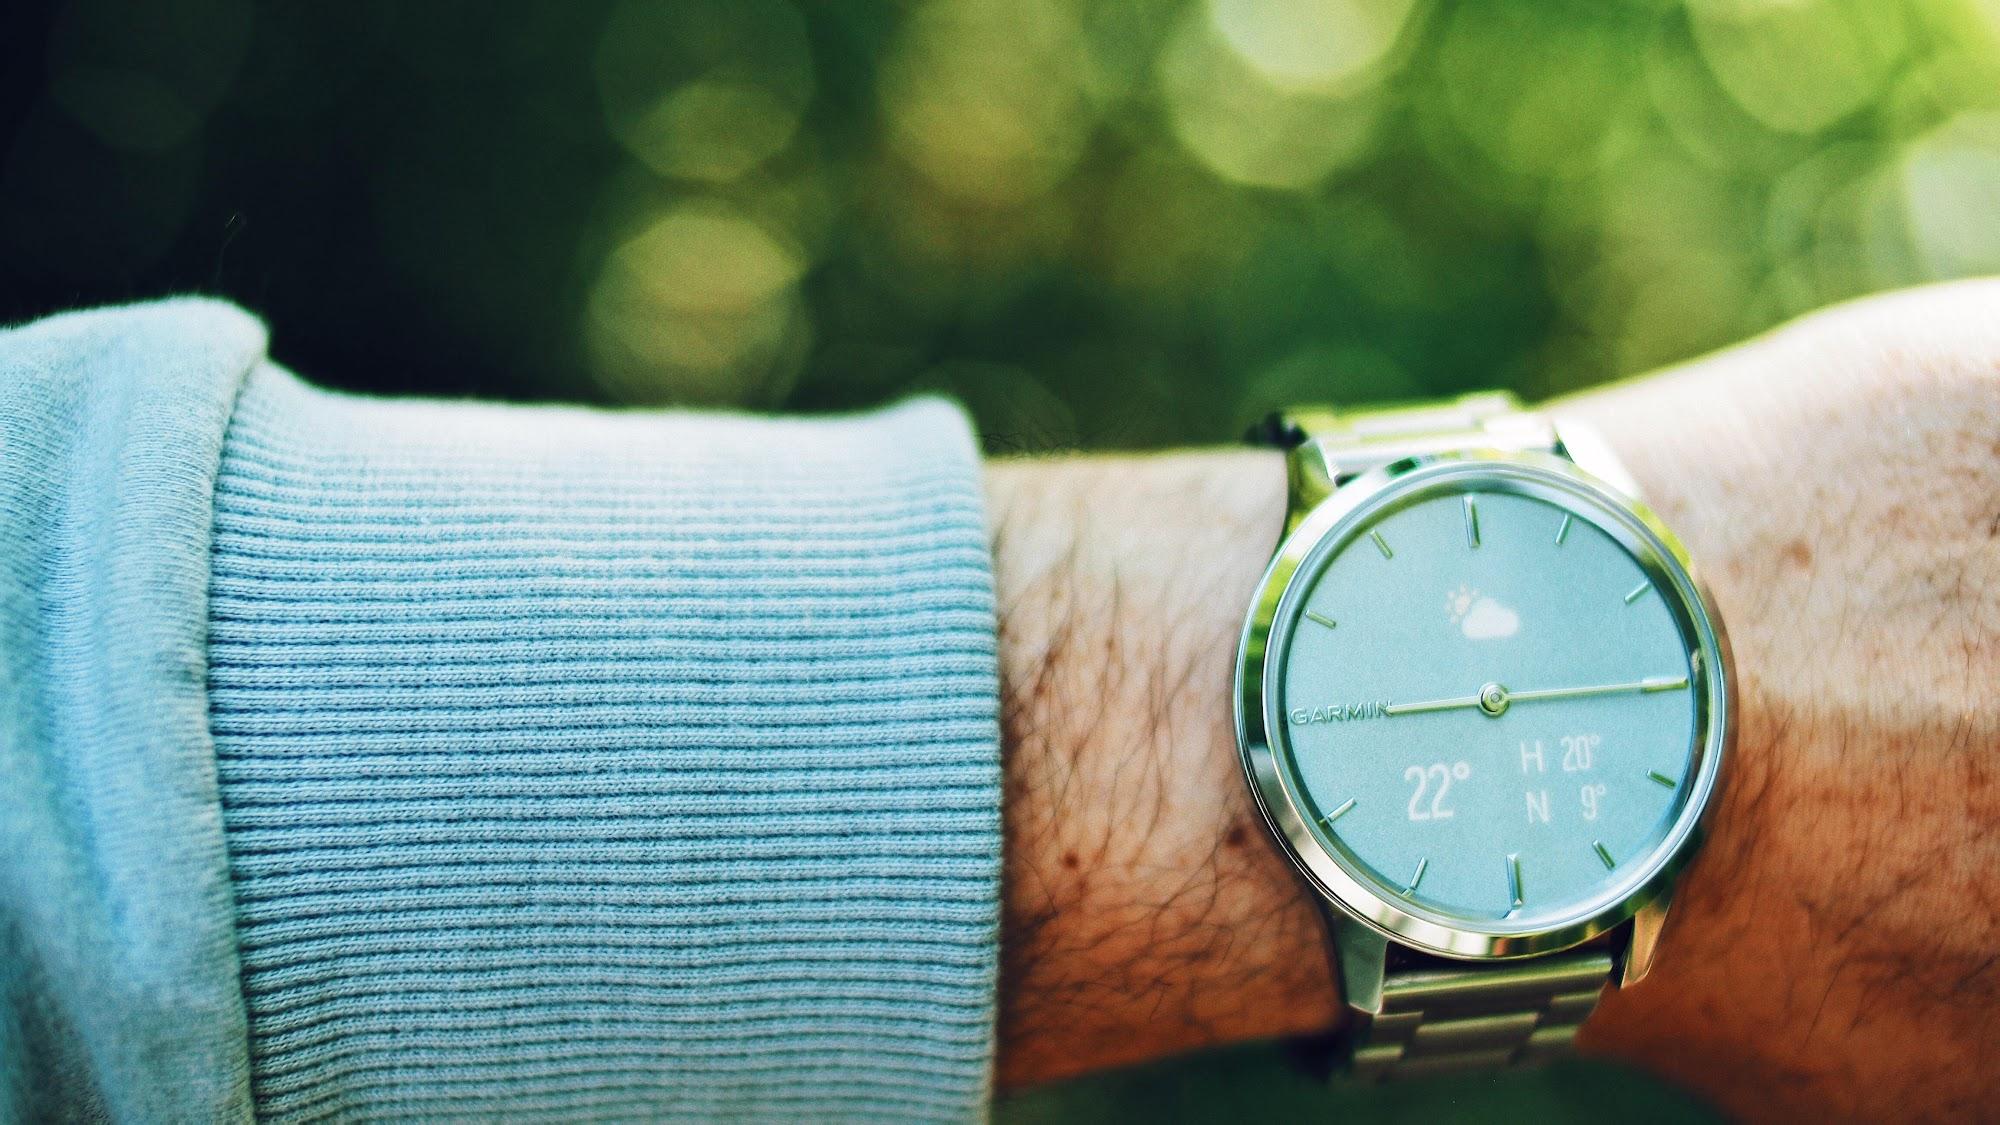 Meine neue Garmin Hybrid-Smartwatch aus dem uhrencenter | Leidenschaft für Uhren, Schmuck und Lifestyle im Closer Look